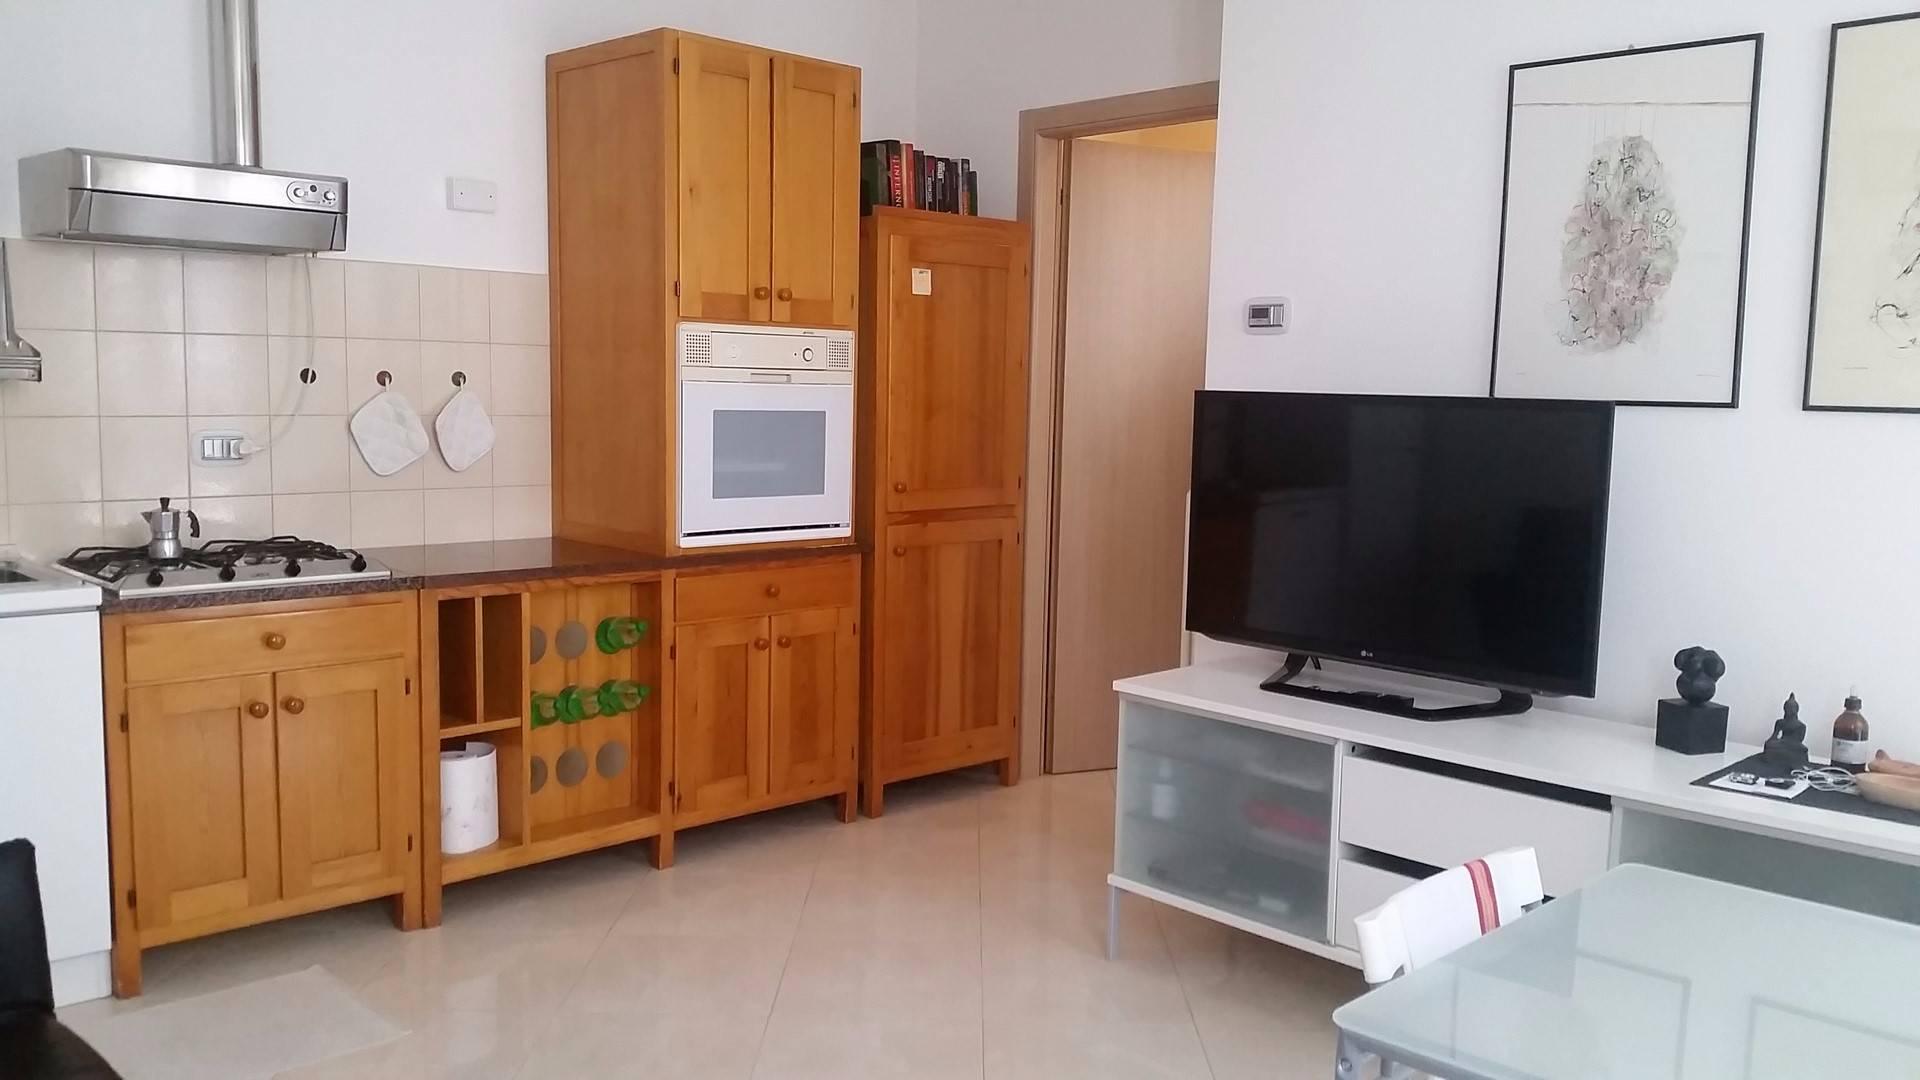 Appartamento in affitto a Monteforte d'Alpone, 2 locali, prezzo € 400 | CambioCasa.it